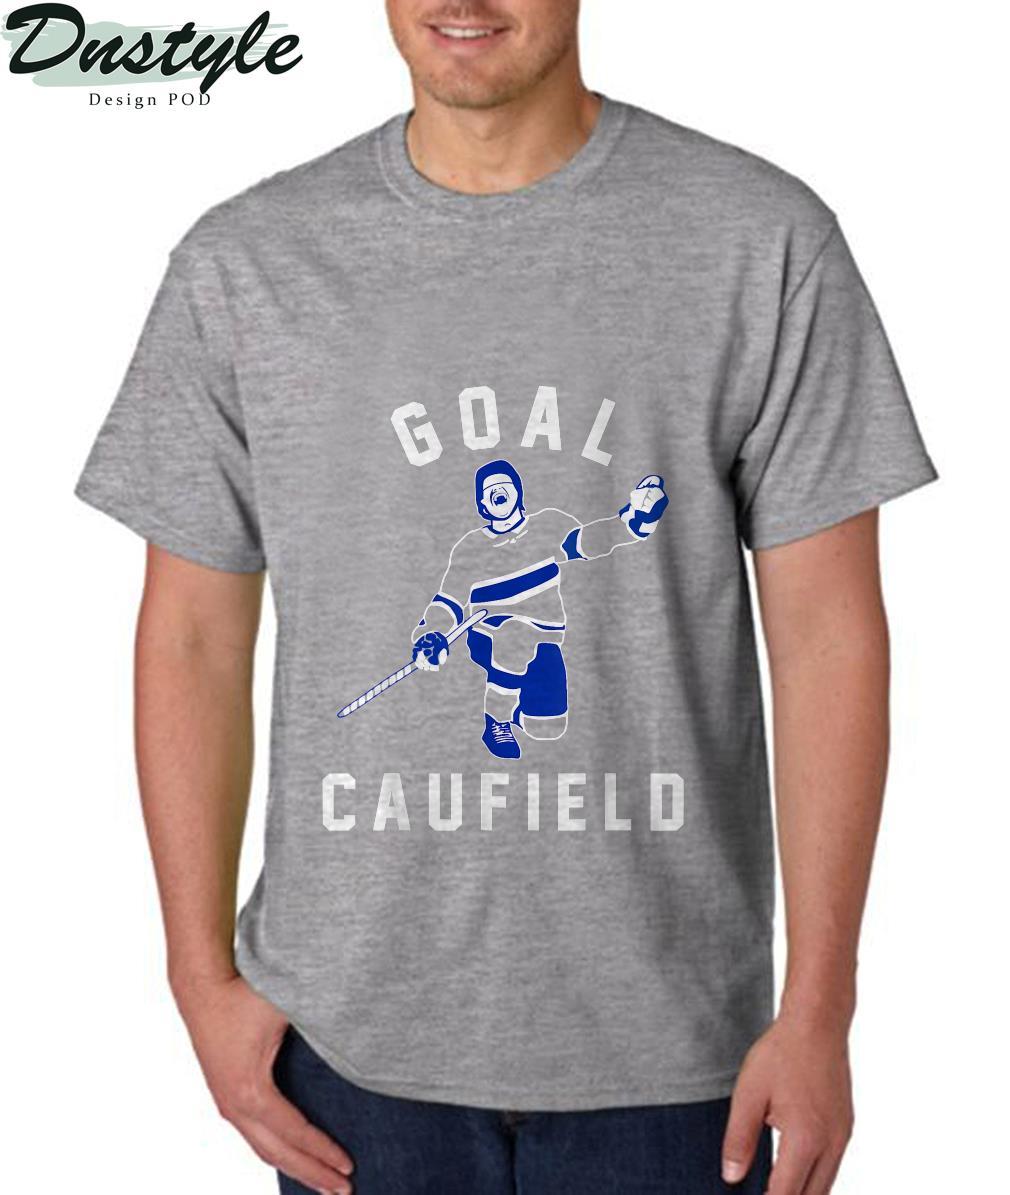 Goal caufield t-shirt